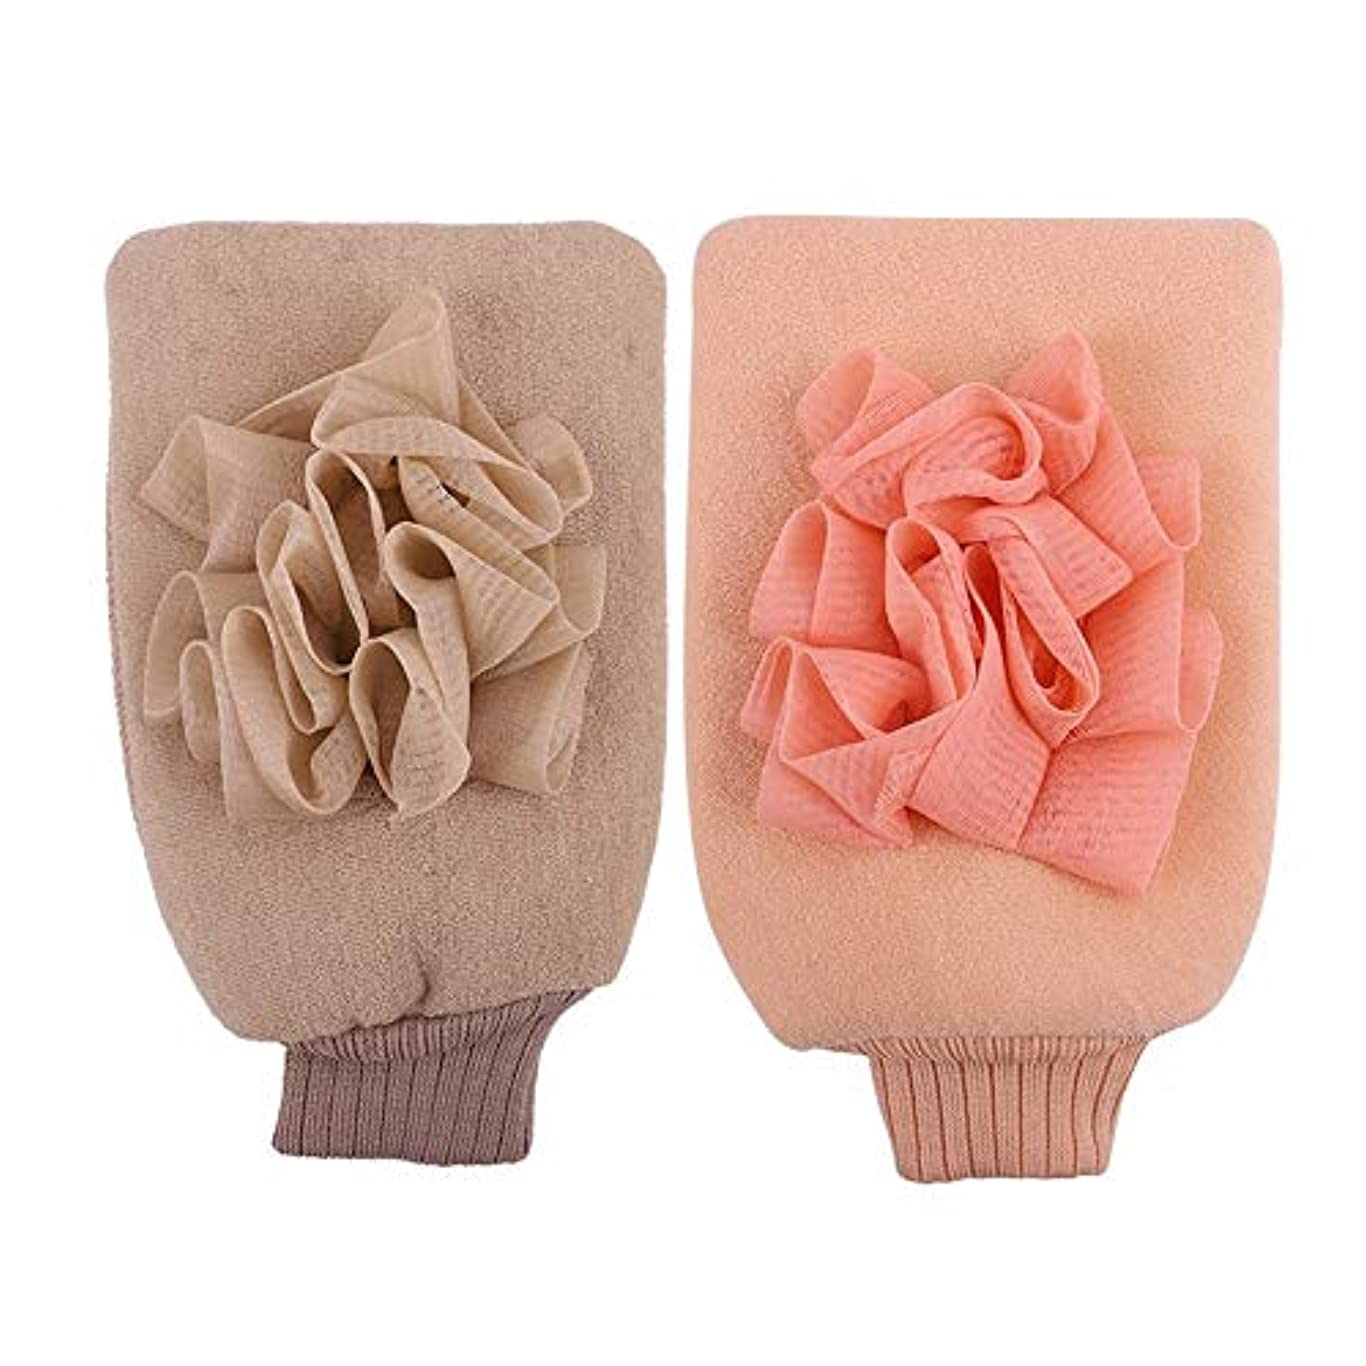 機転不条理名前でBTXXYJP お風呂用手袋 シャワー手袋 あかすり手袋 ボディブラシ やわらか ボディタオル バス用品 男女兼用 角質除去 (Color : Pink+beige)